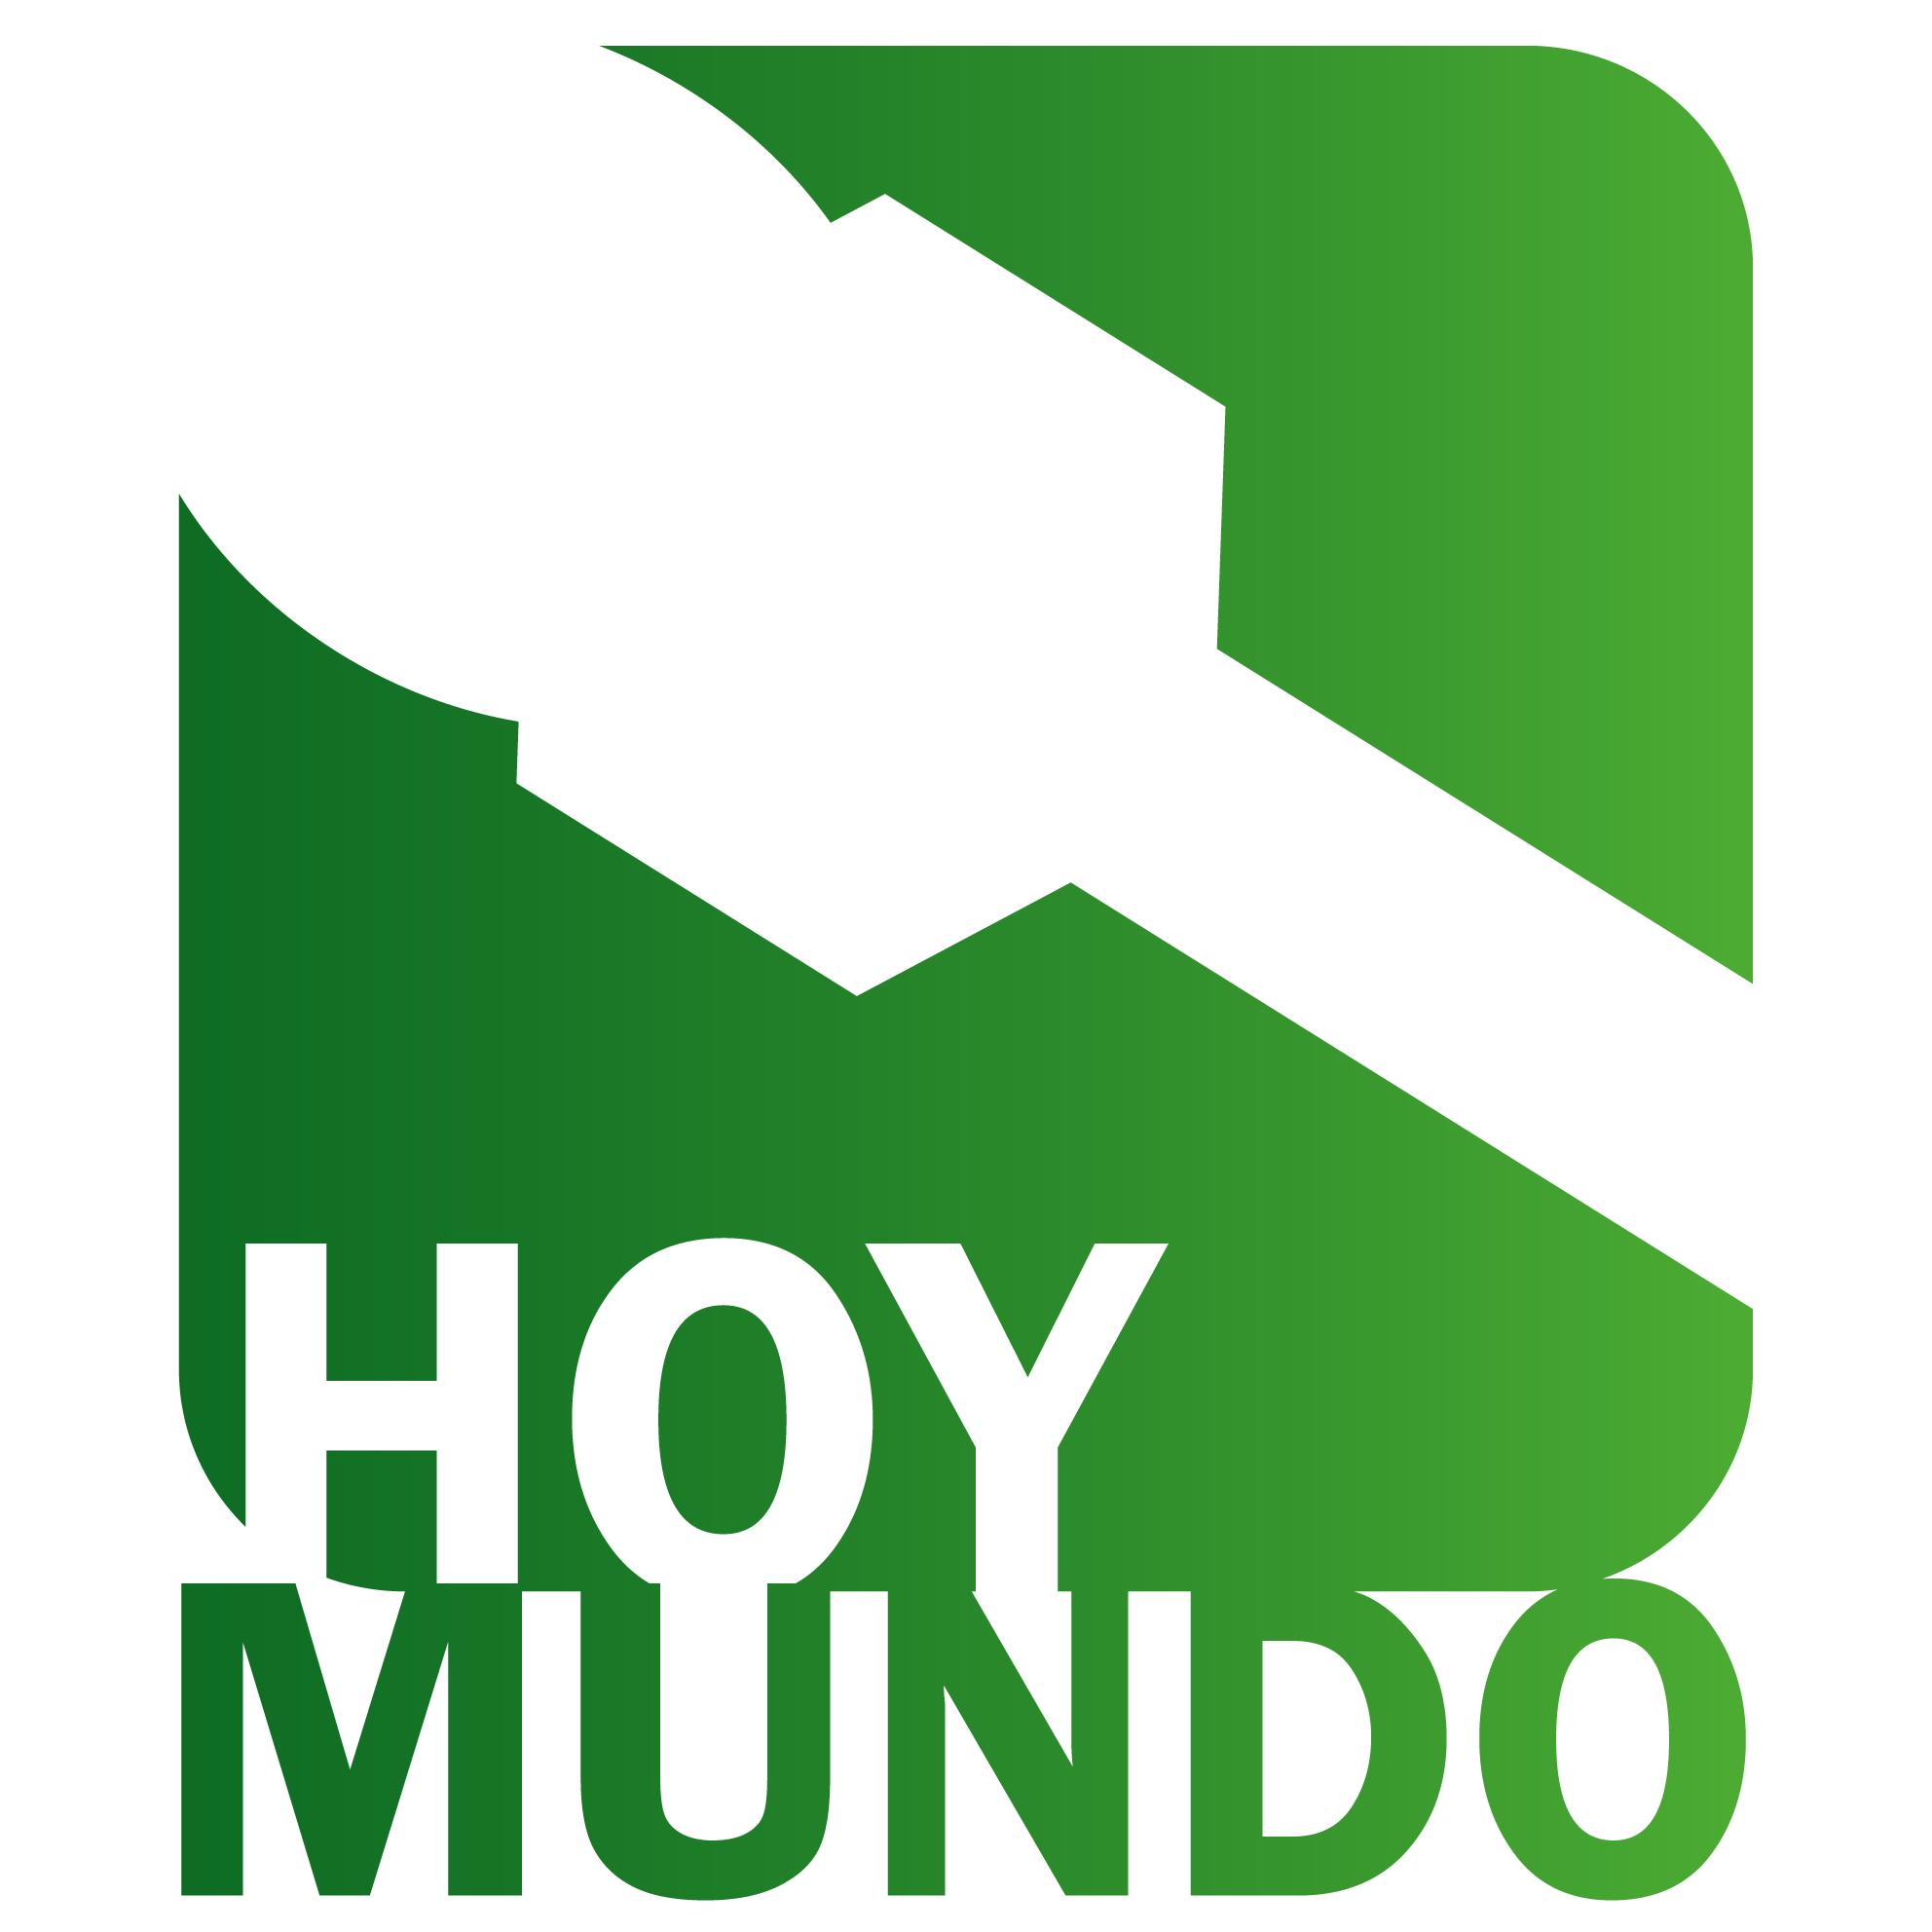 Logo Hoy Mundo verde blanco